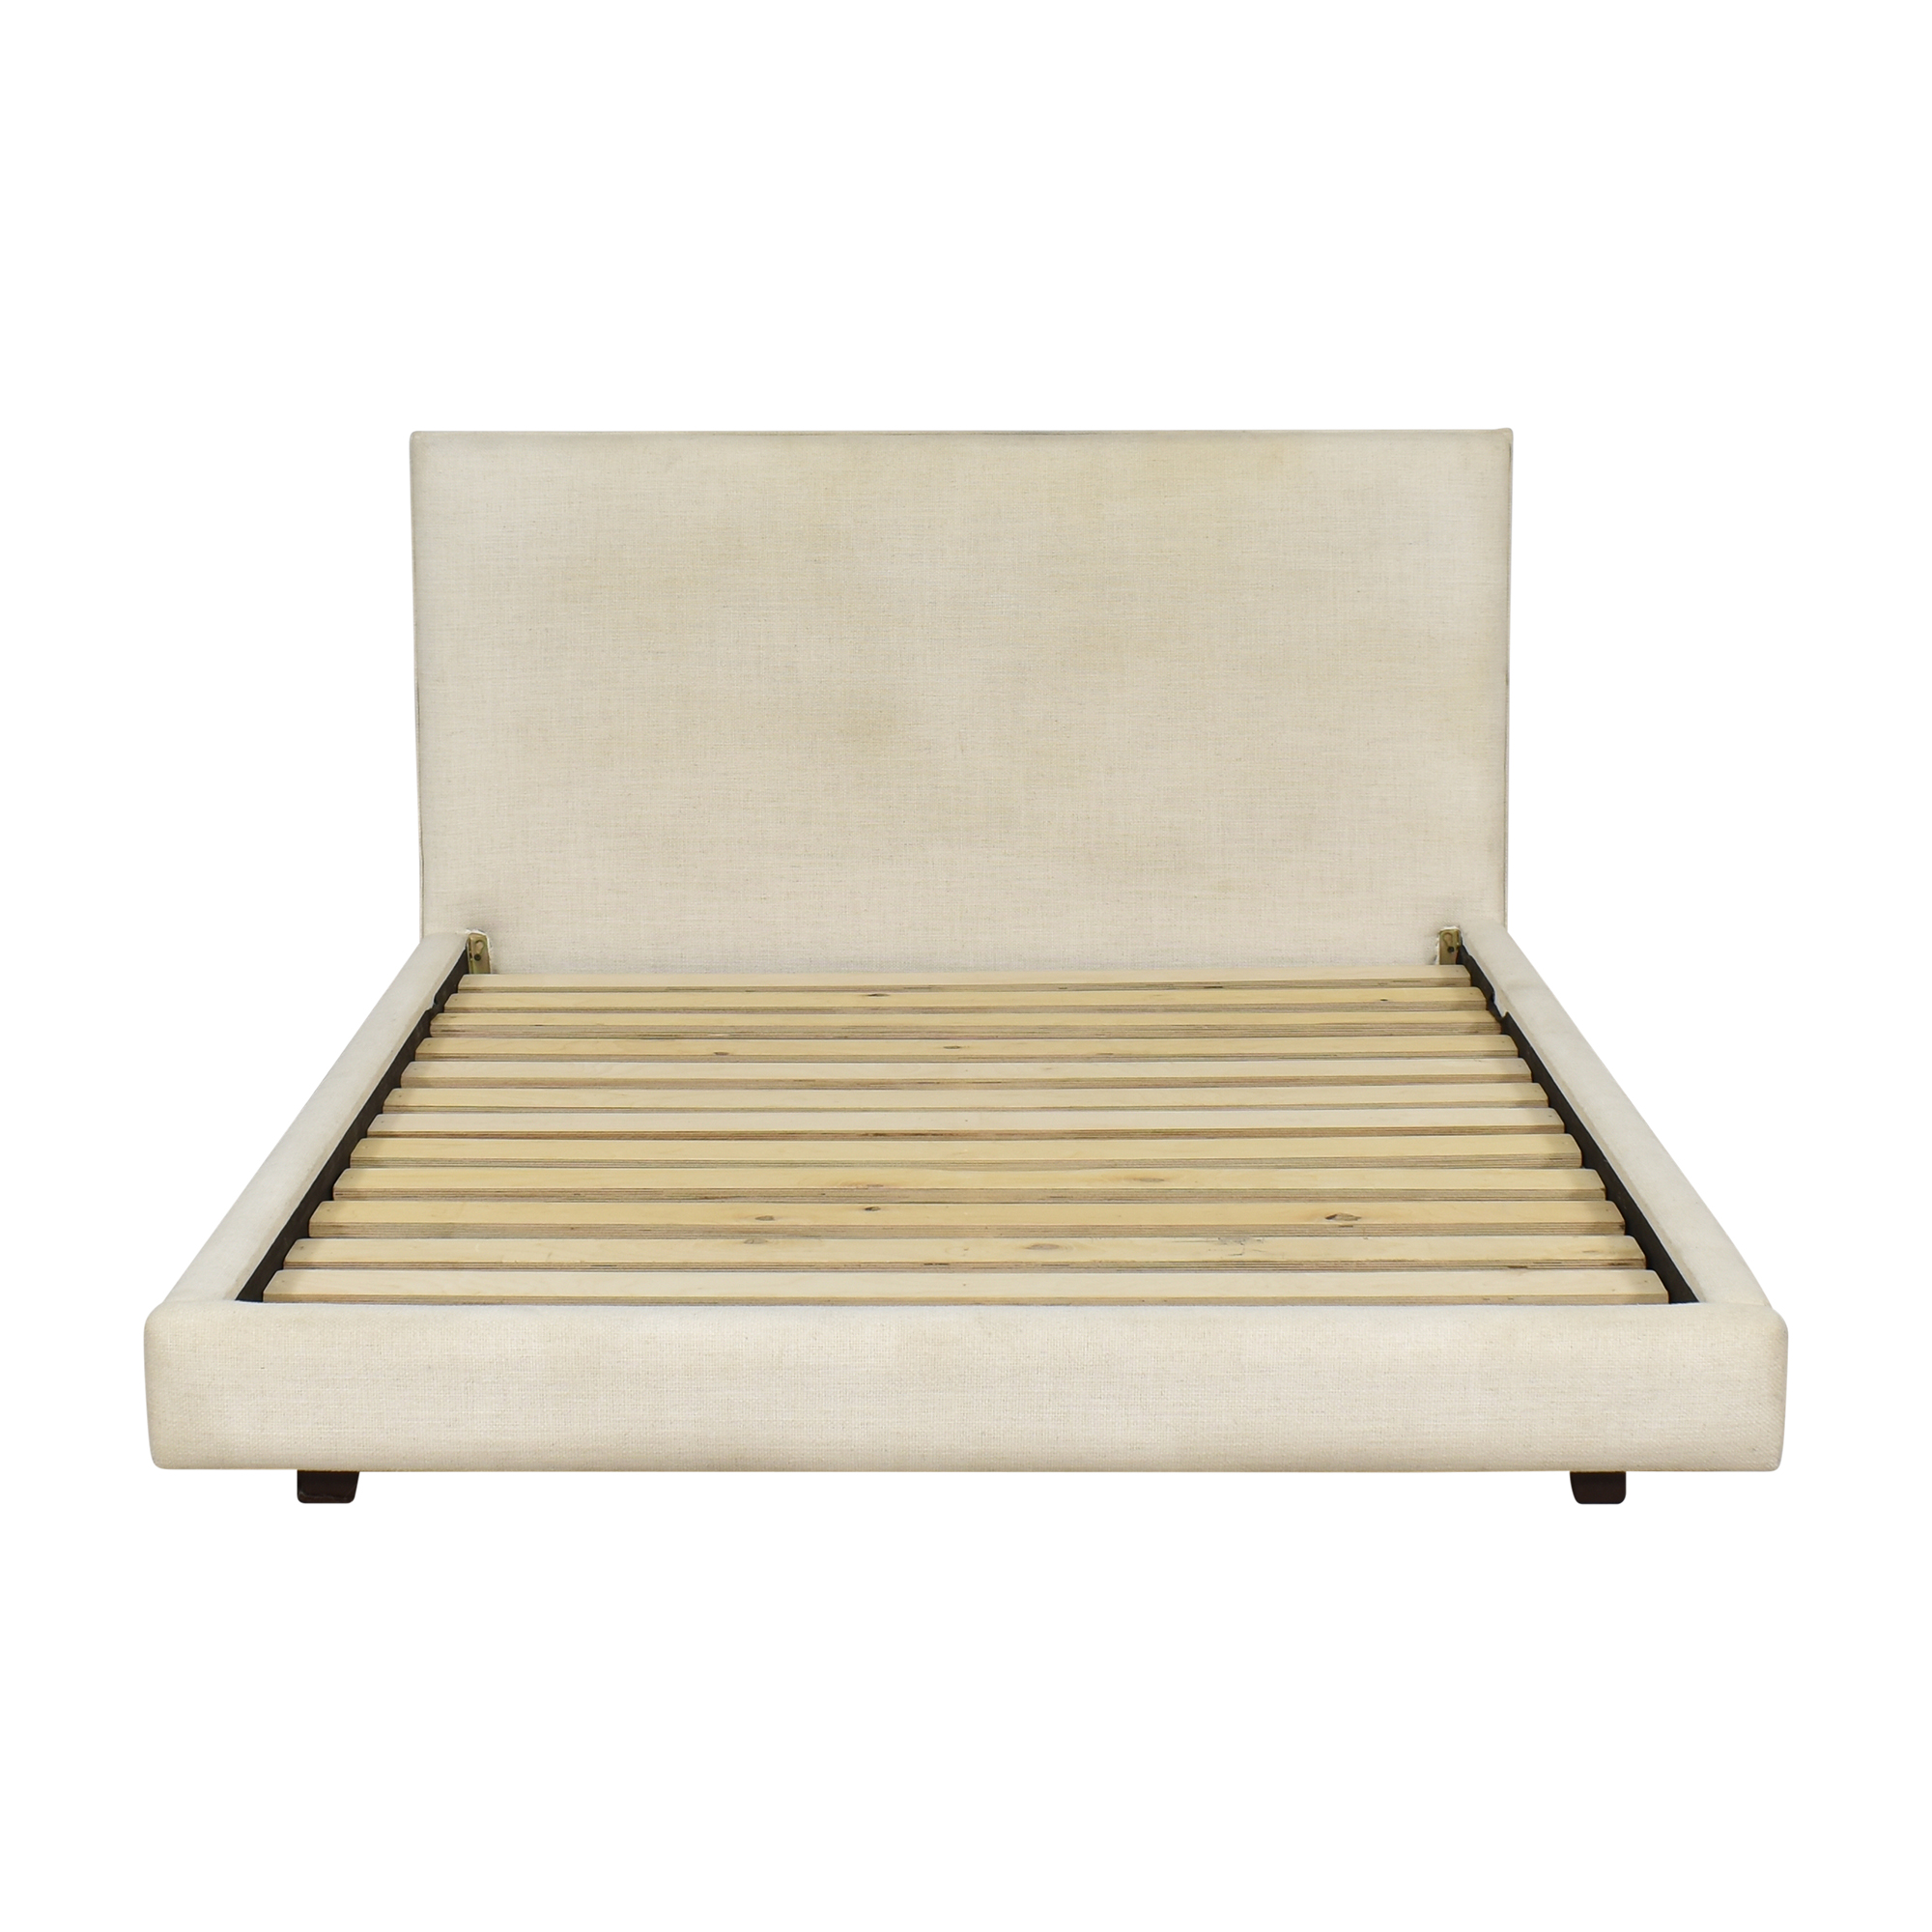 CB2 CB2 Facade Full Bed used